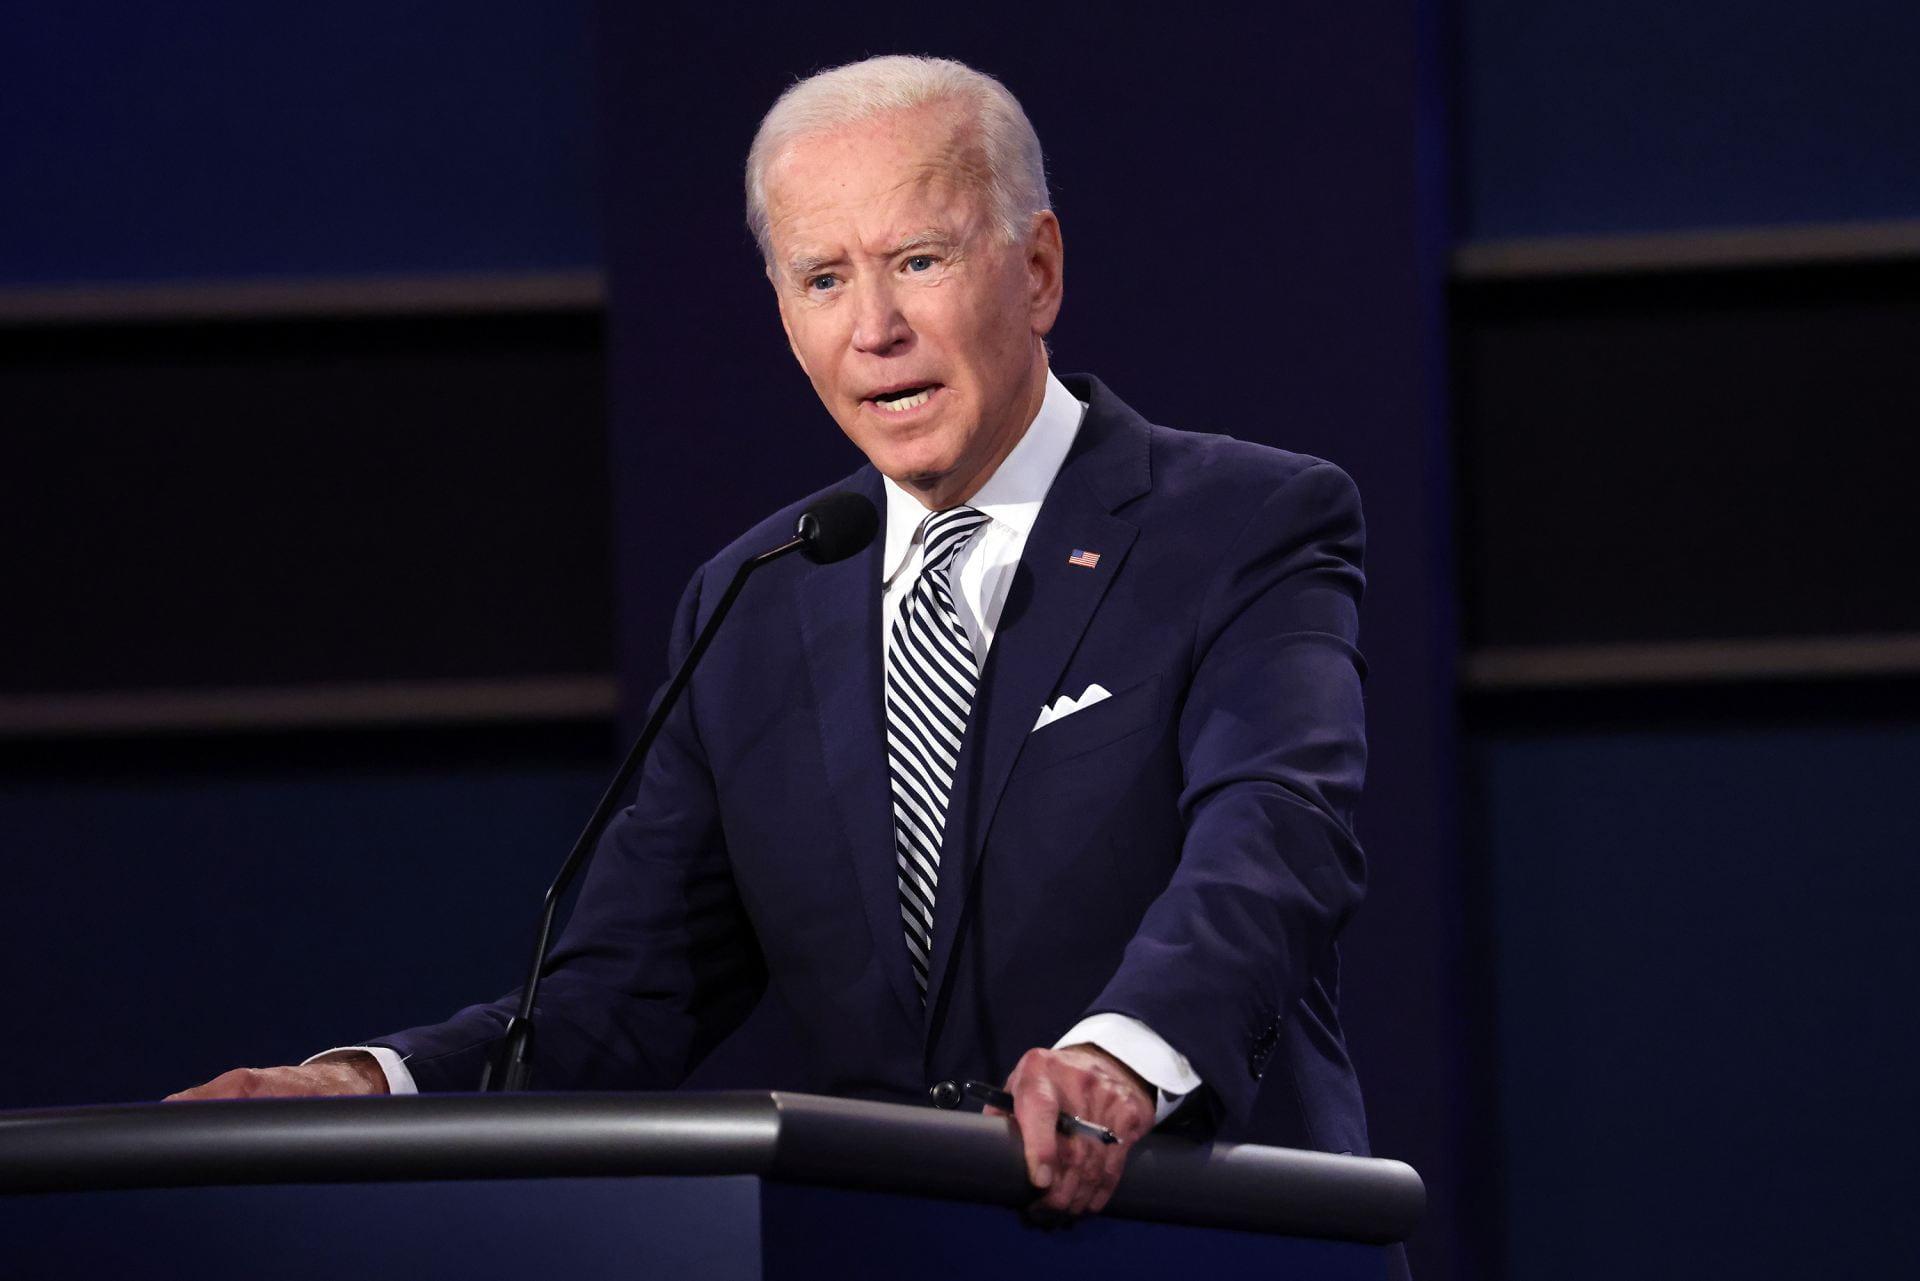 Biden speaks at debate